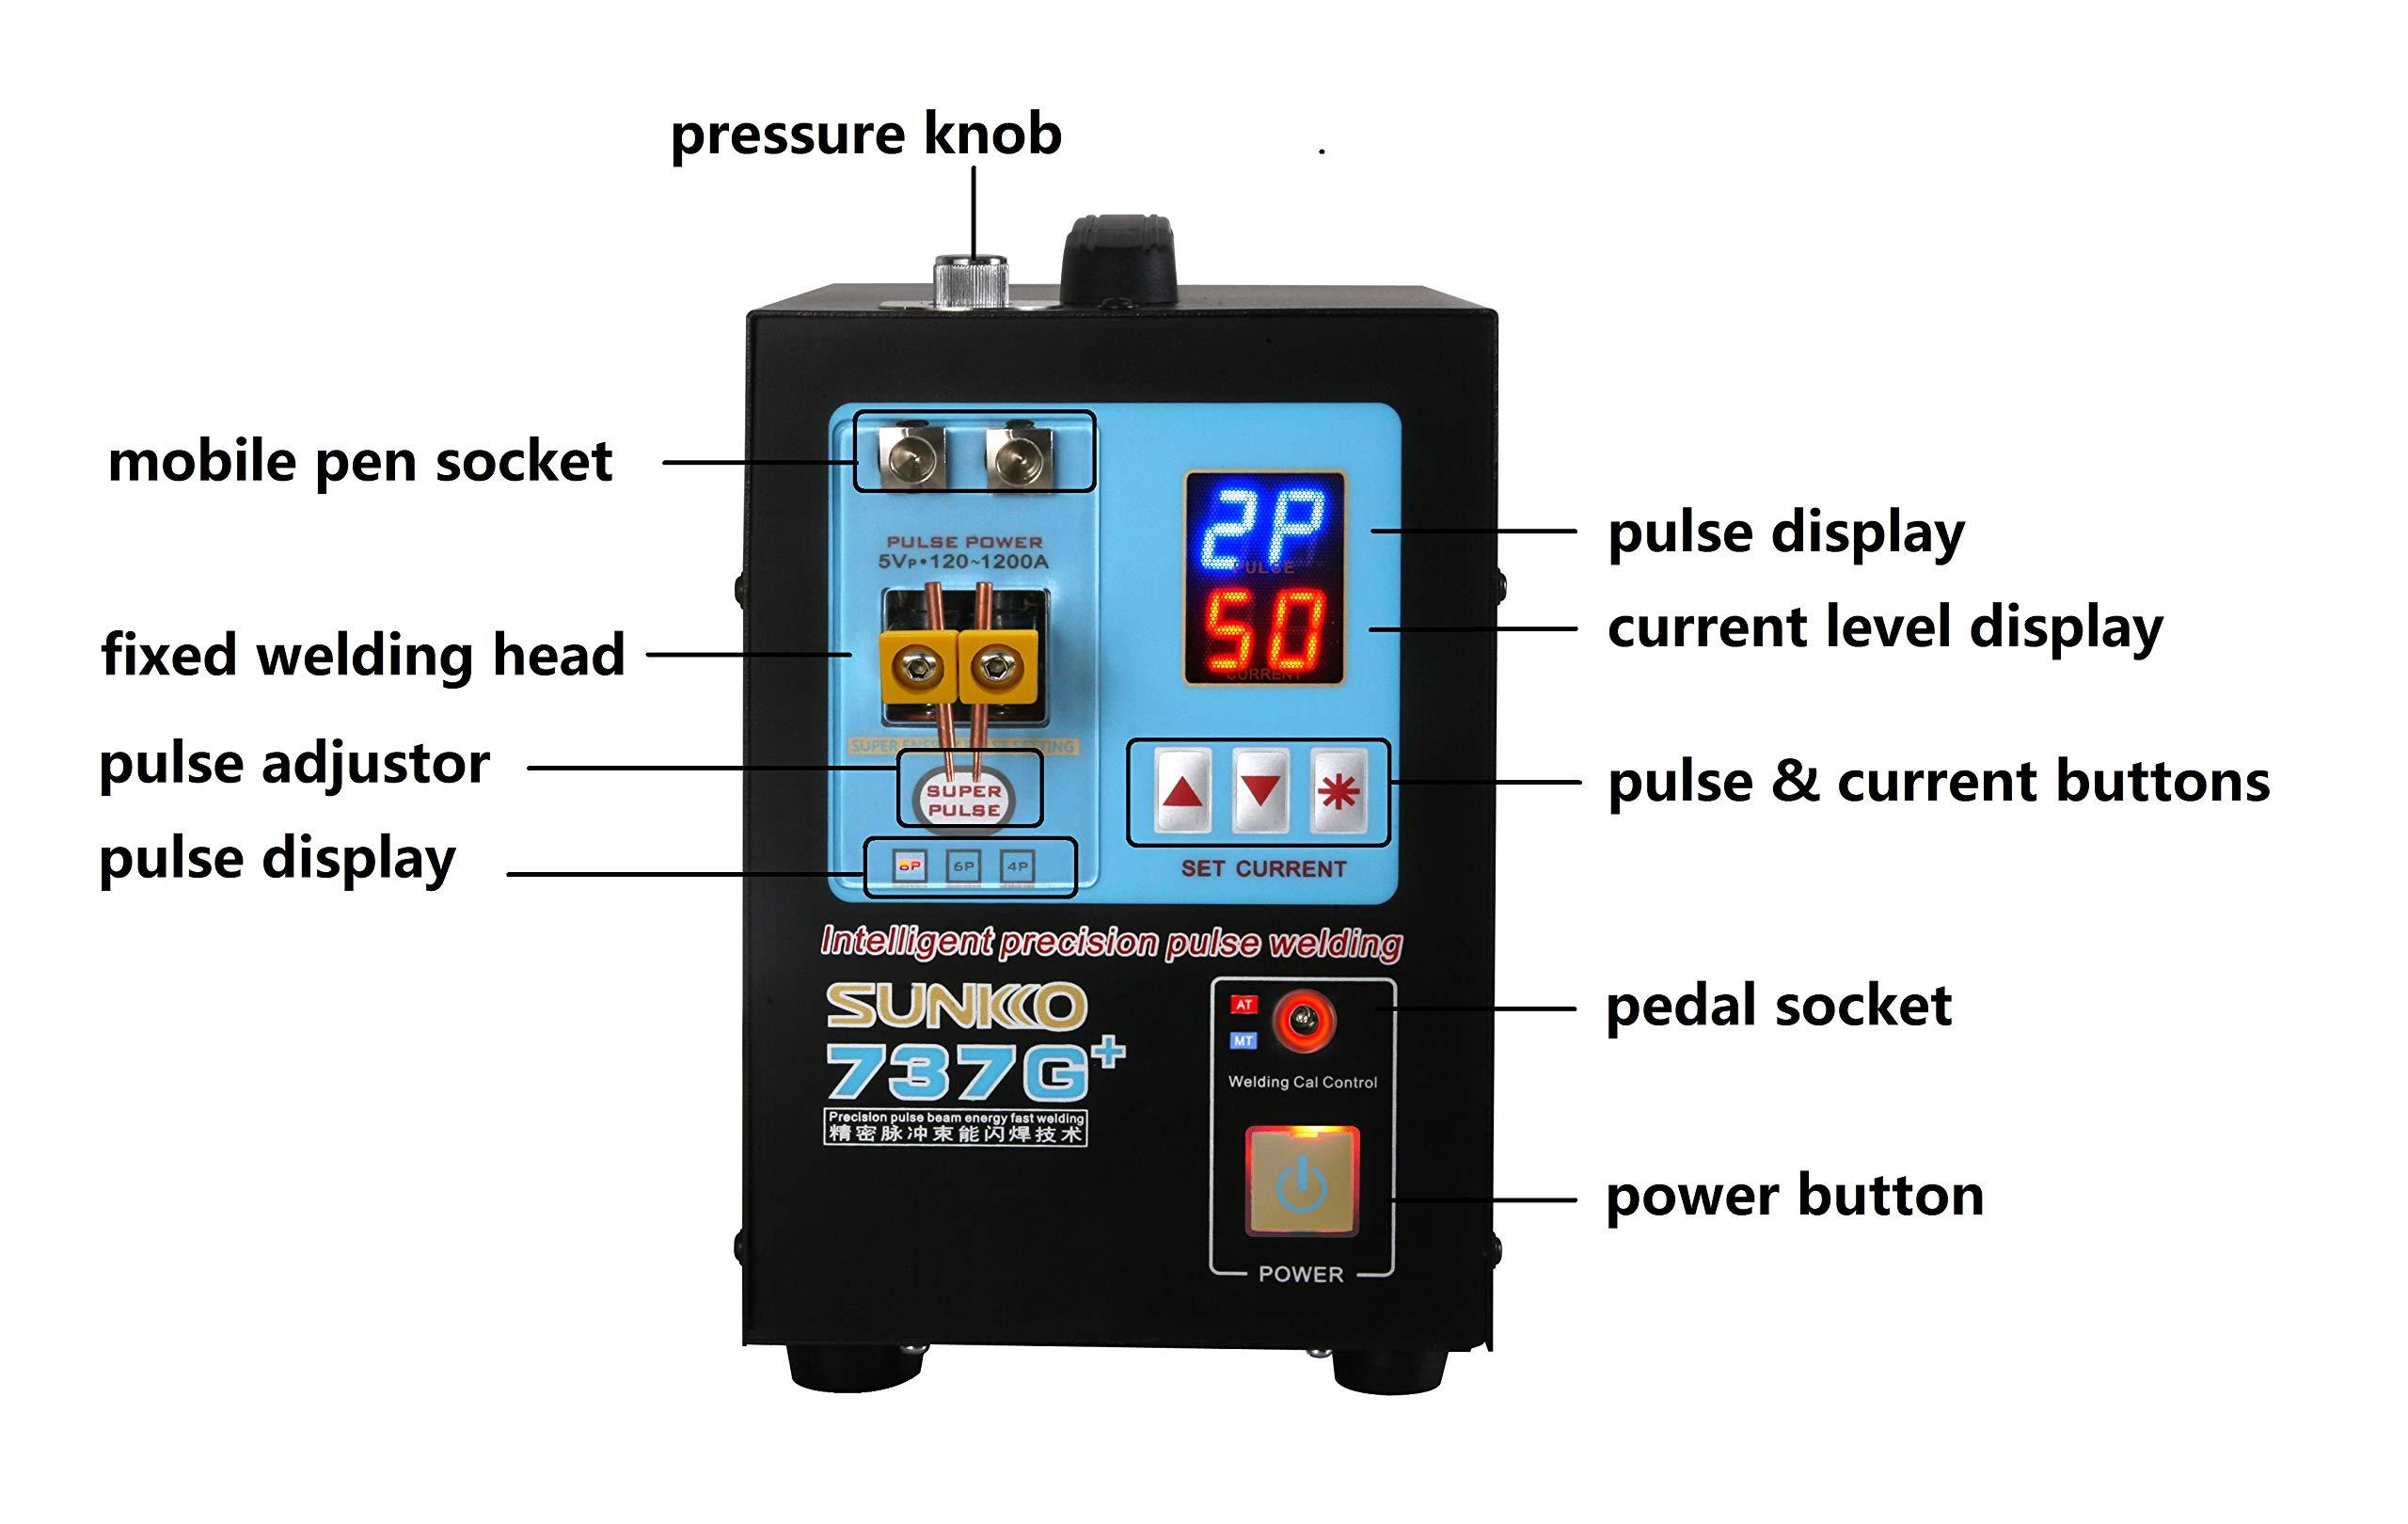 SUNKKO 737G+ Battery Spot Welder, Pulse Welding Machine for 18650 14500 Lithium Batteries Battery Pack Work With Nickel Strips 0.35mm by SUNKKO